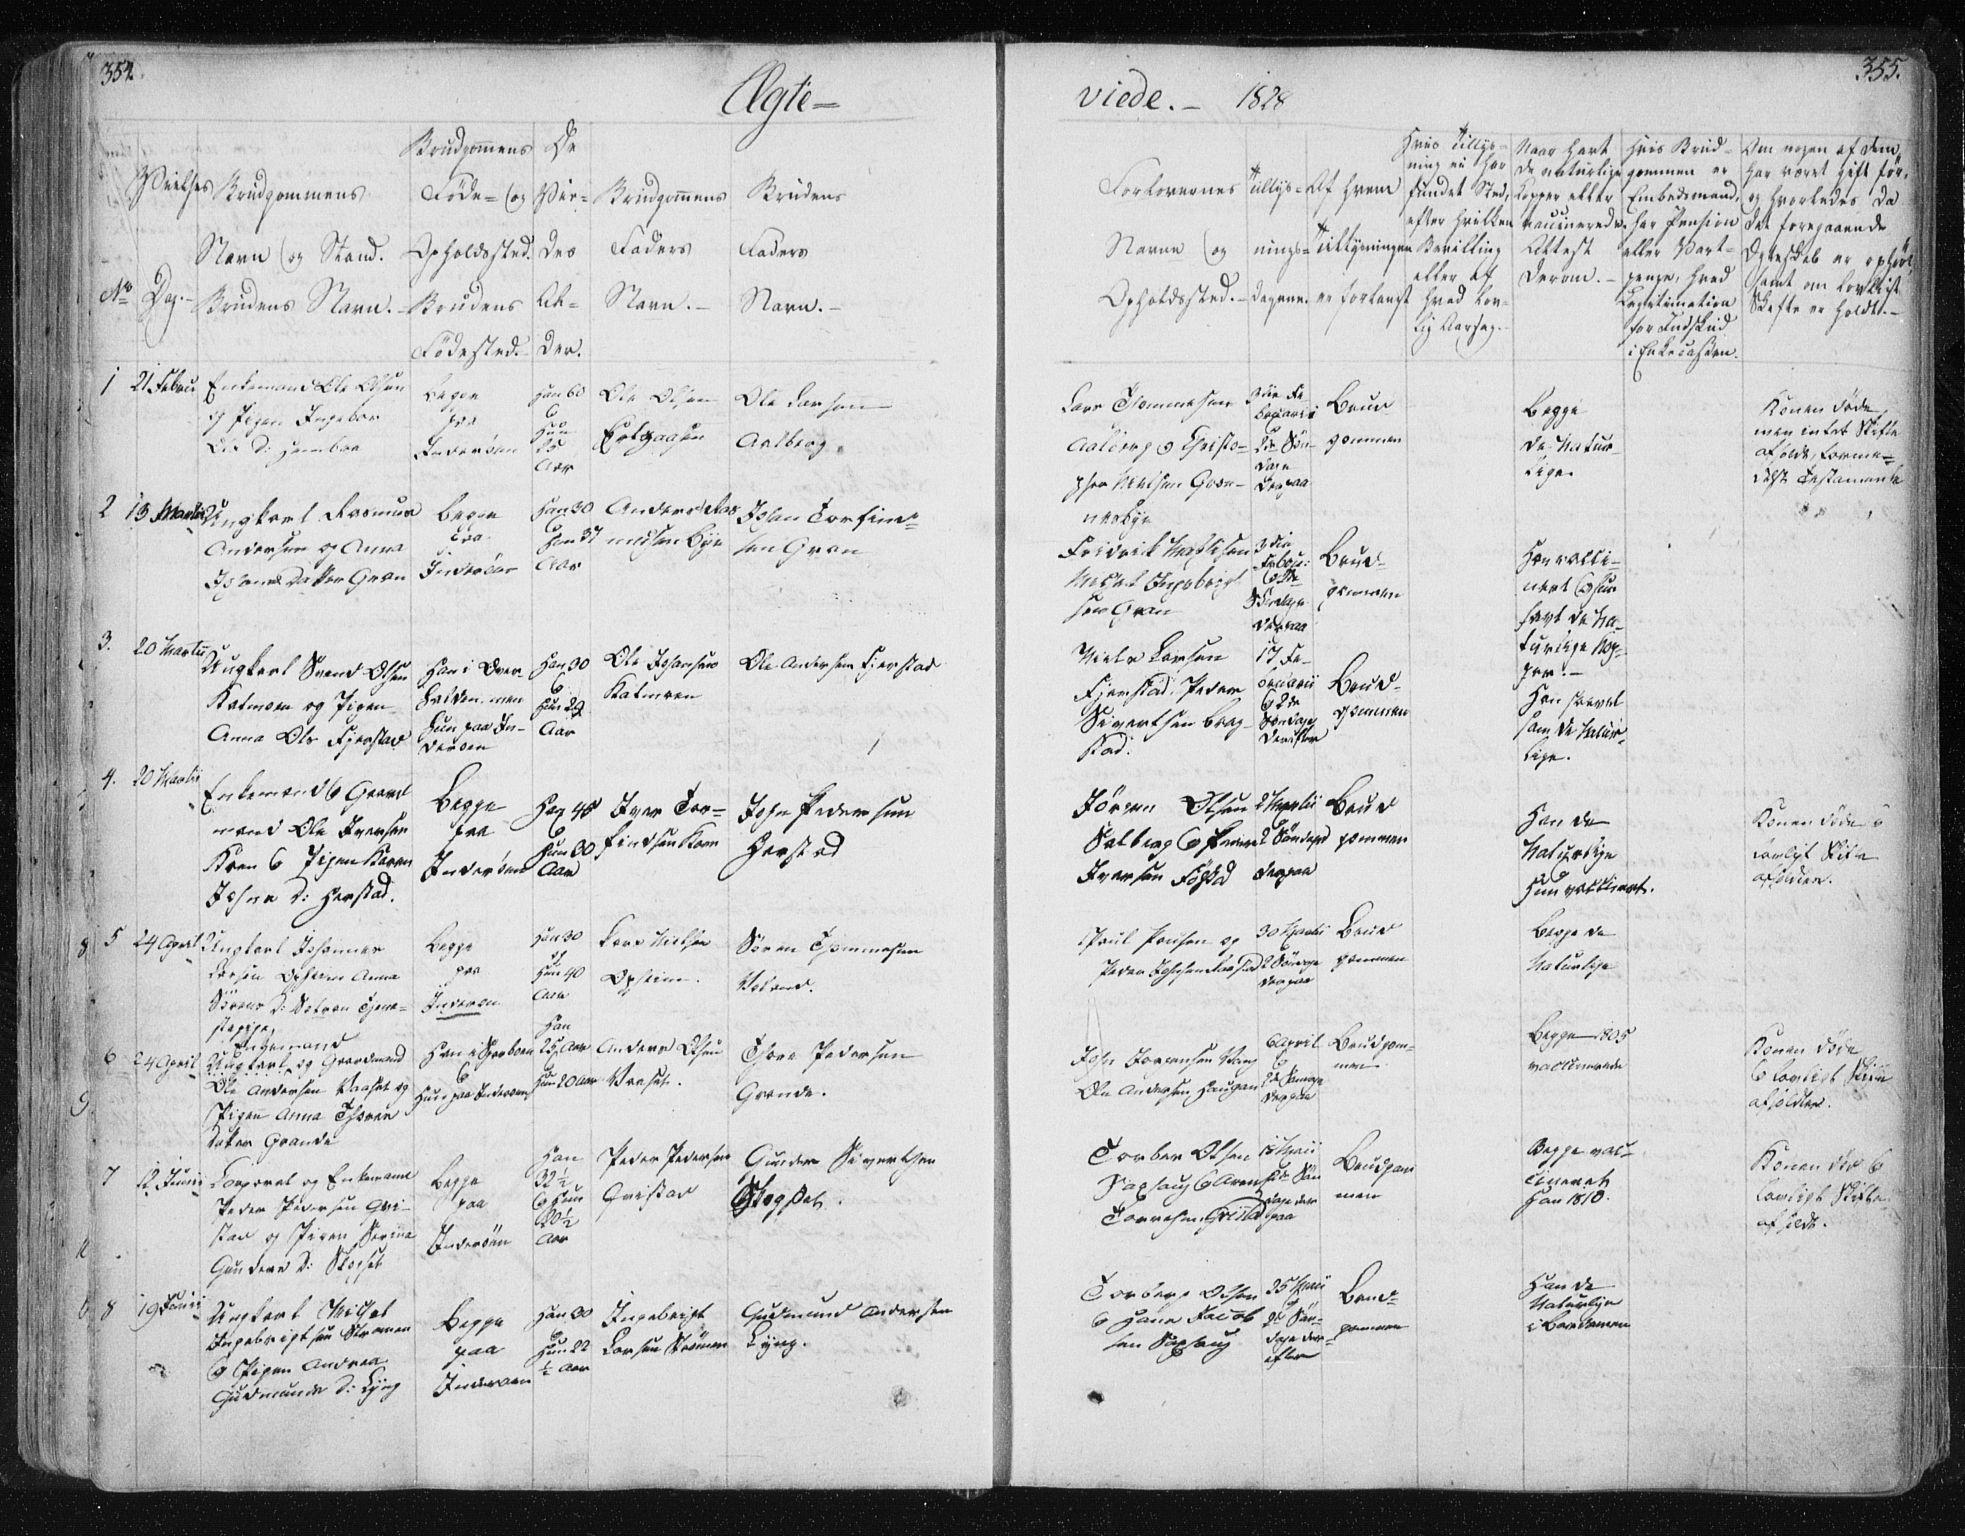 SAT, Ministerialprotokoller, klokkerbøker og fødselsregistre - Nord-Trøndelag, 730/L0276: Ministerialbok nr. 730A05, 1822-1830, s. 354-355